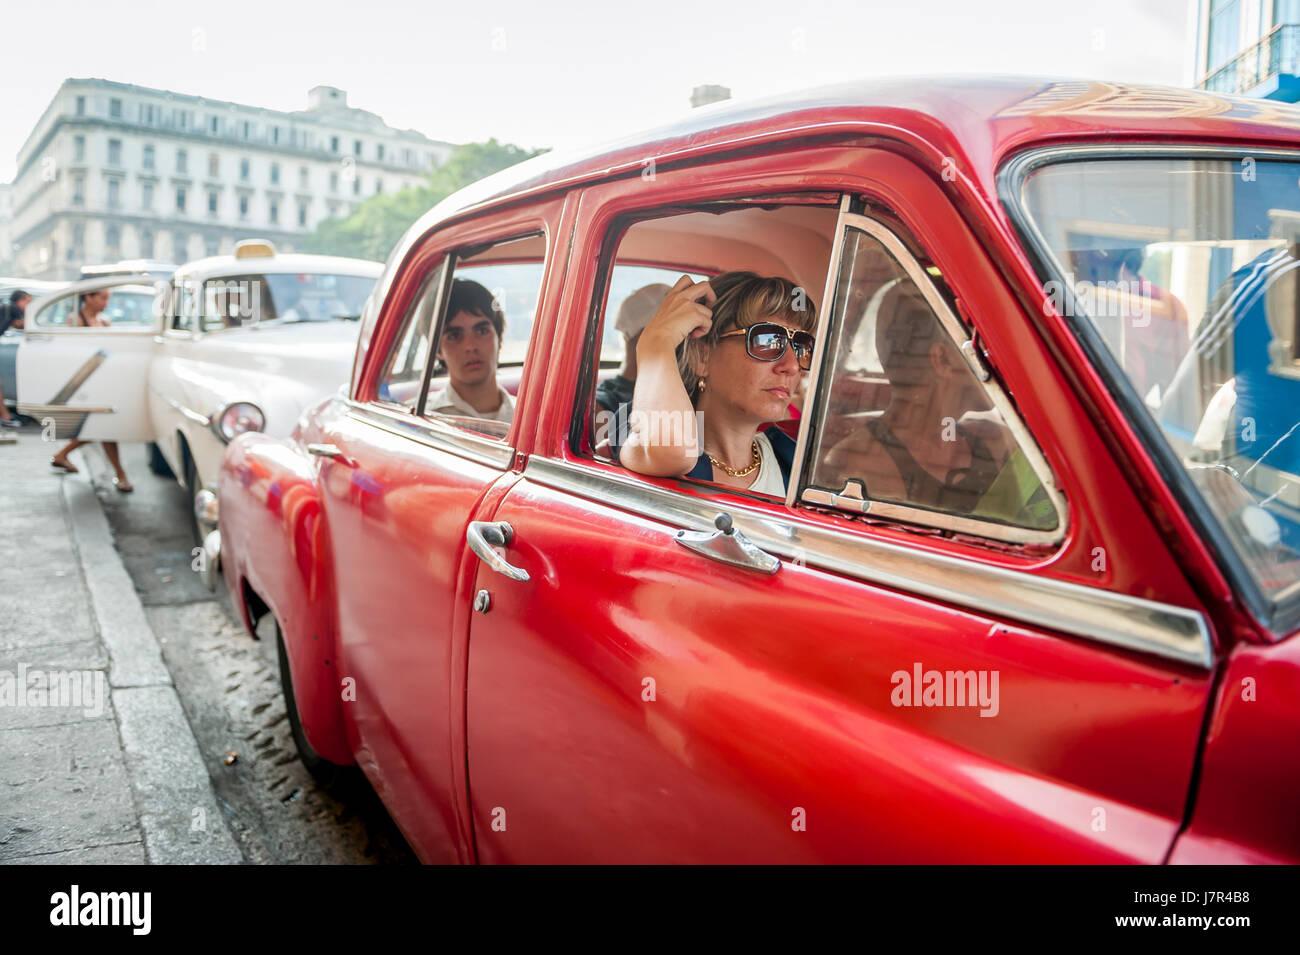 Havanna - Juni 2011: Kubanische gemeinsam mit anderen Reisenden ein klassischen amerikanischen Taxi auf einer Straße Stockbild